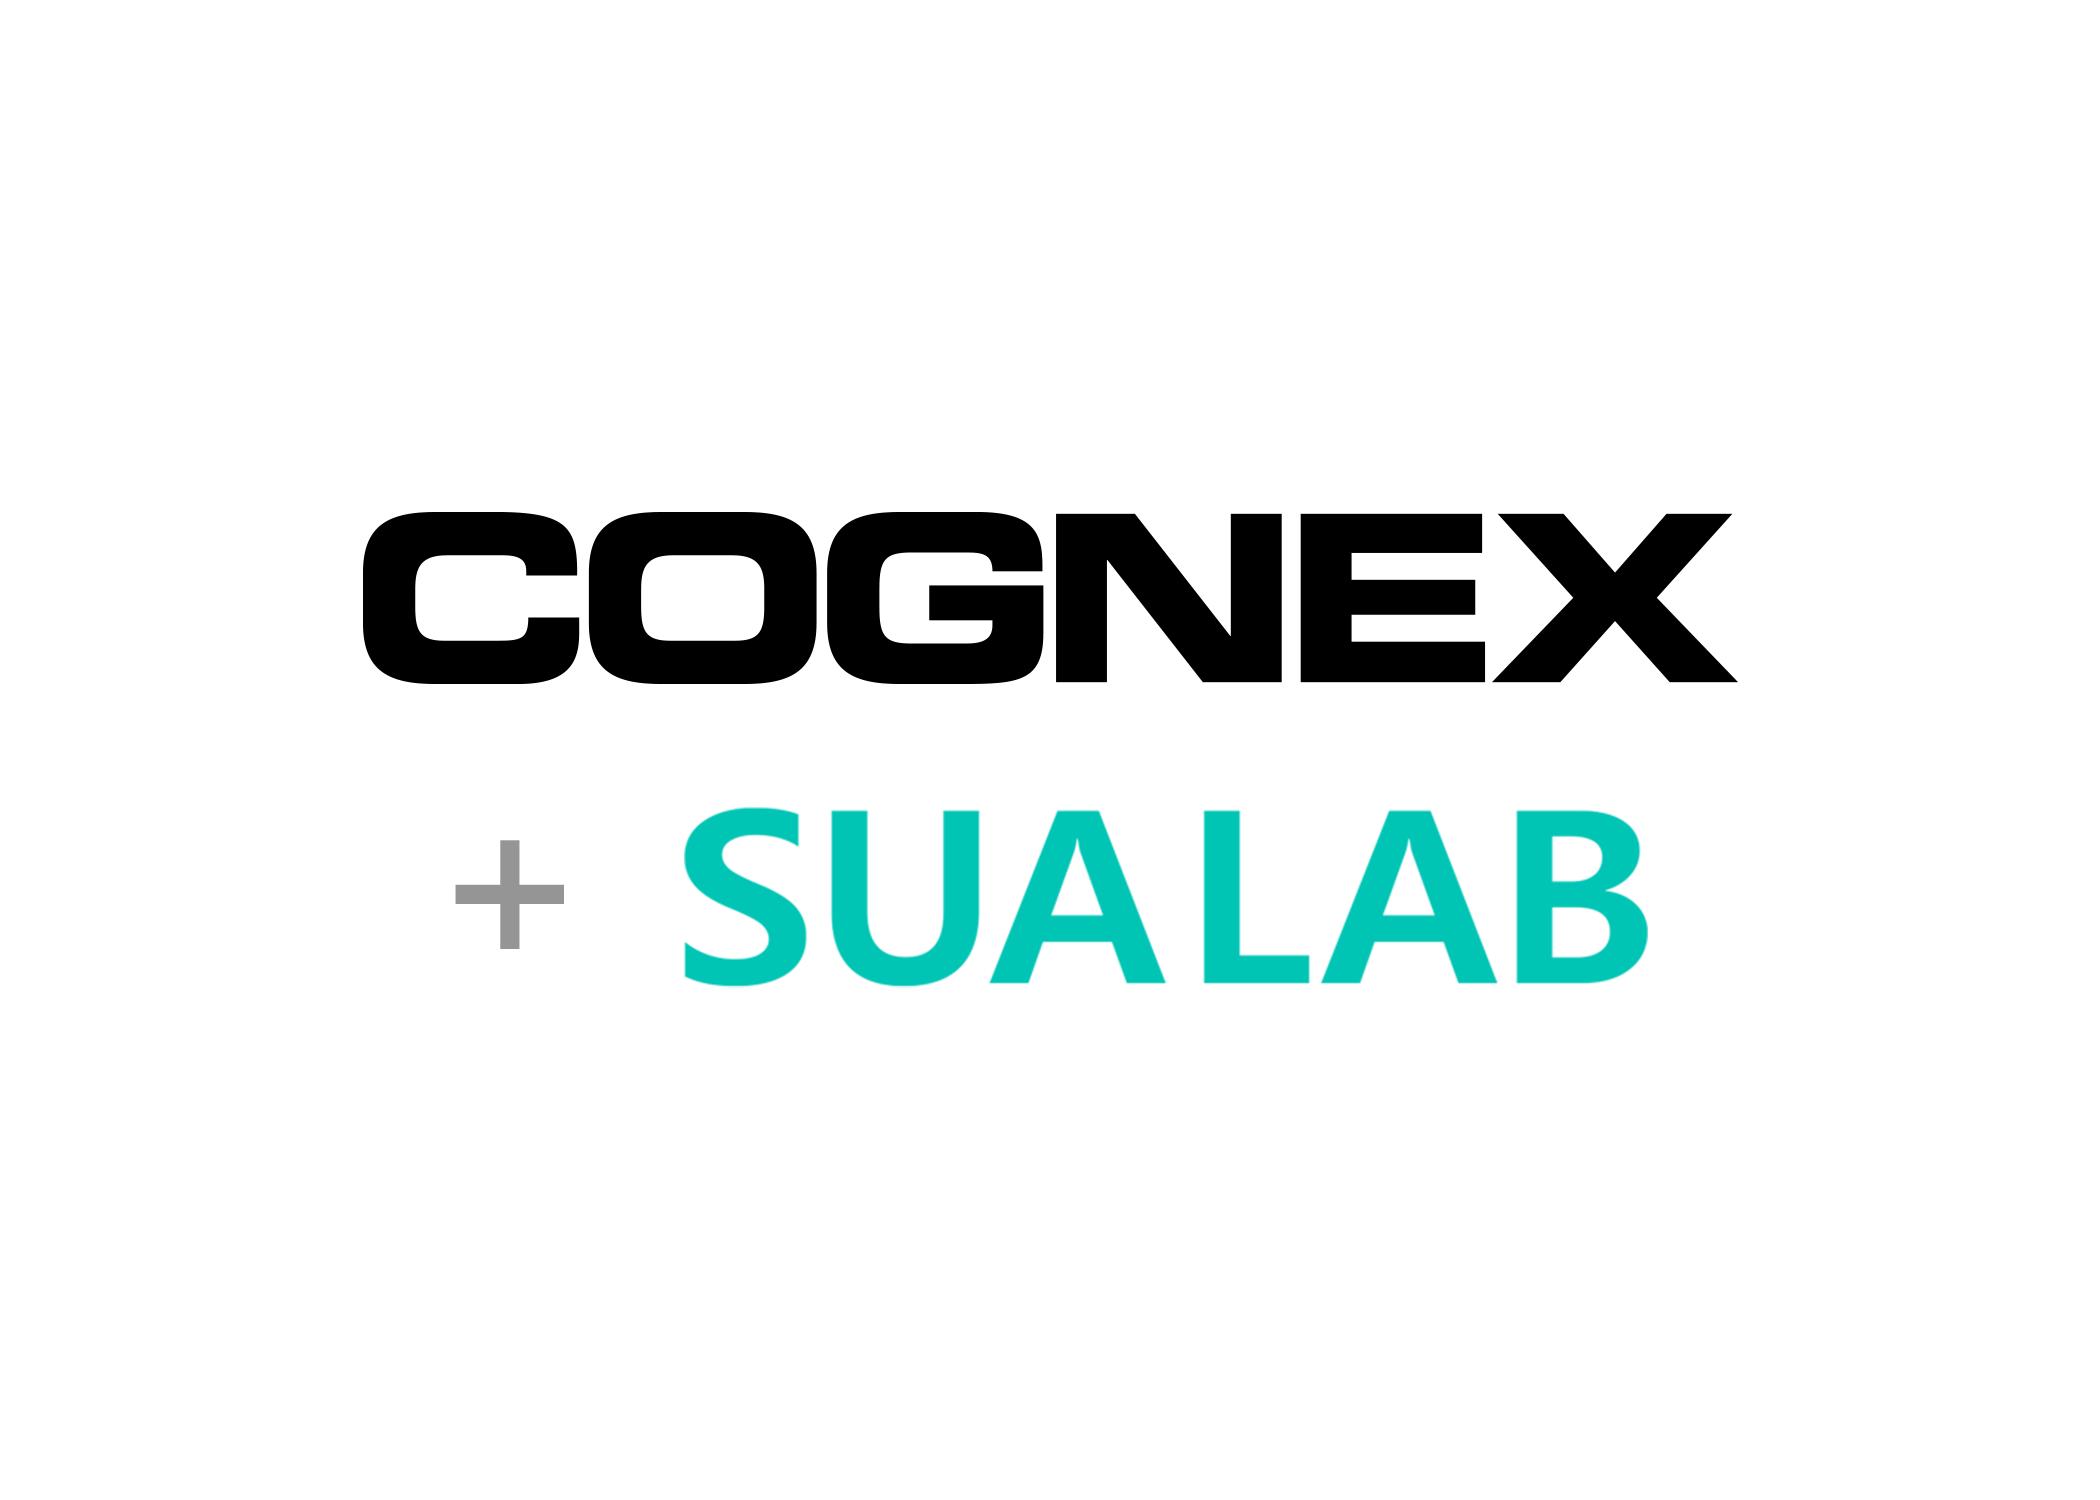 Cognex + SUALAB